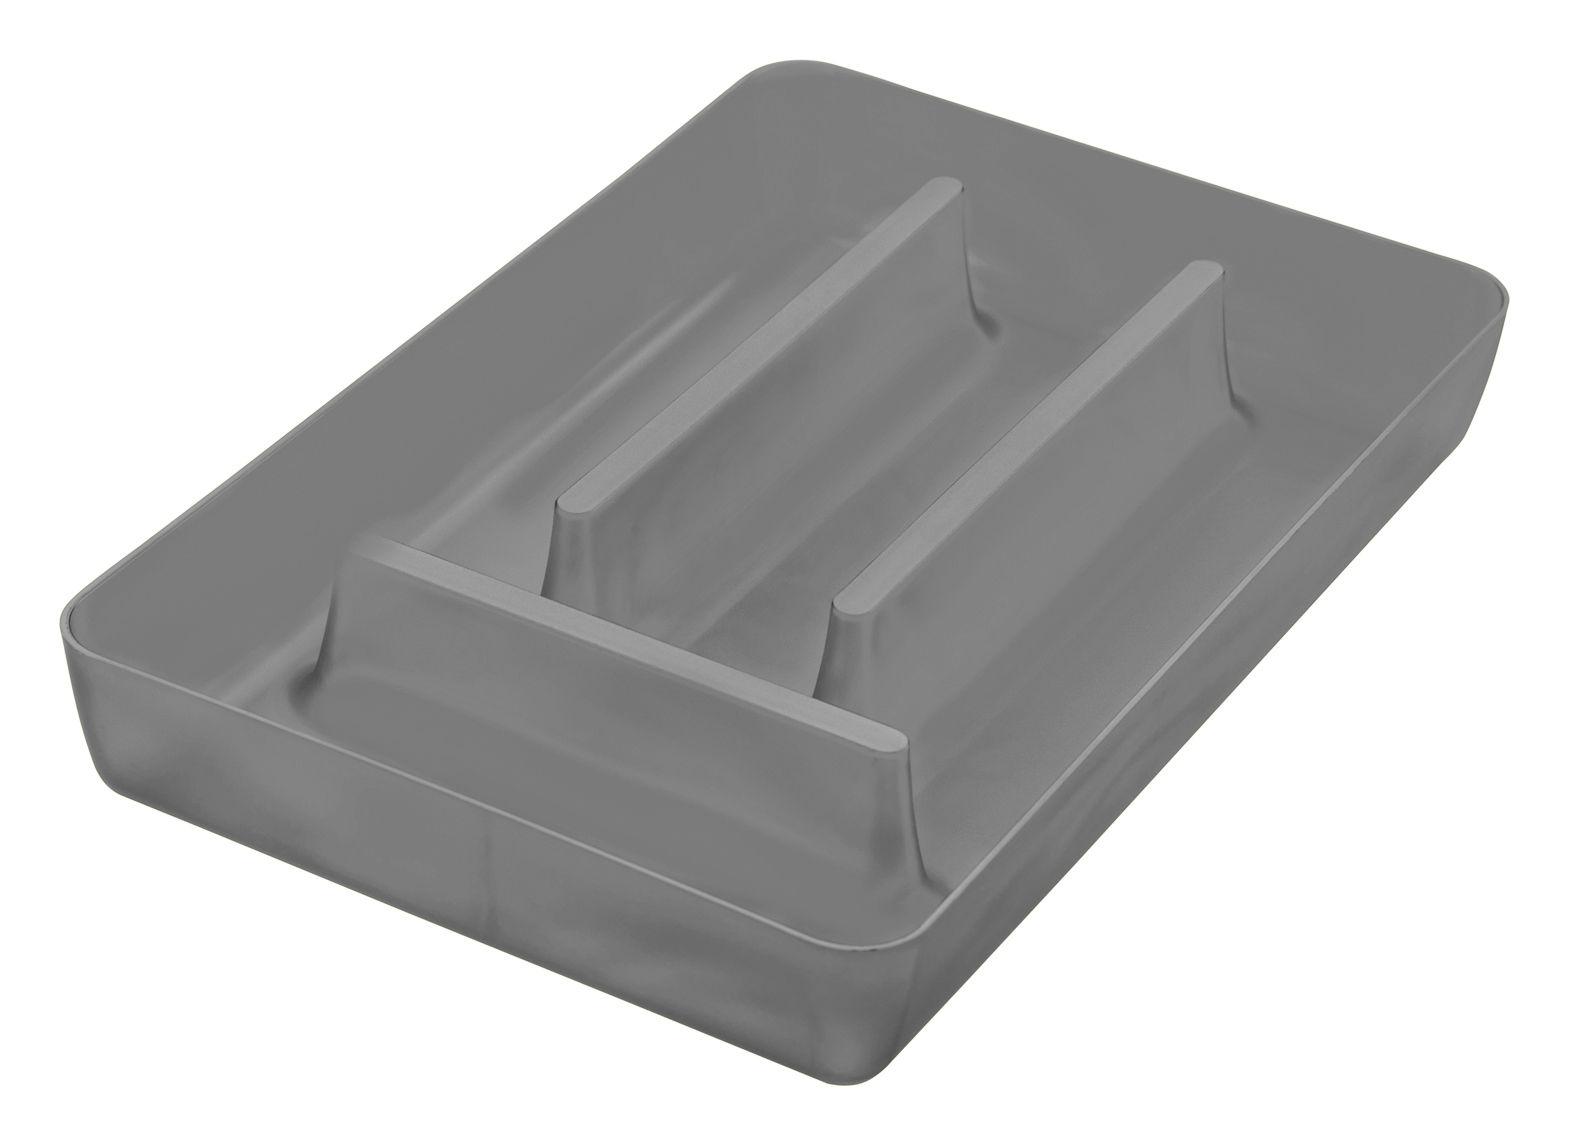 Küche - Einfach praktisch - Rio Besteckhalter - Koziol - Anthrazit transparent - Plastik